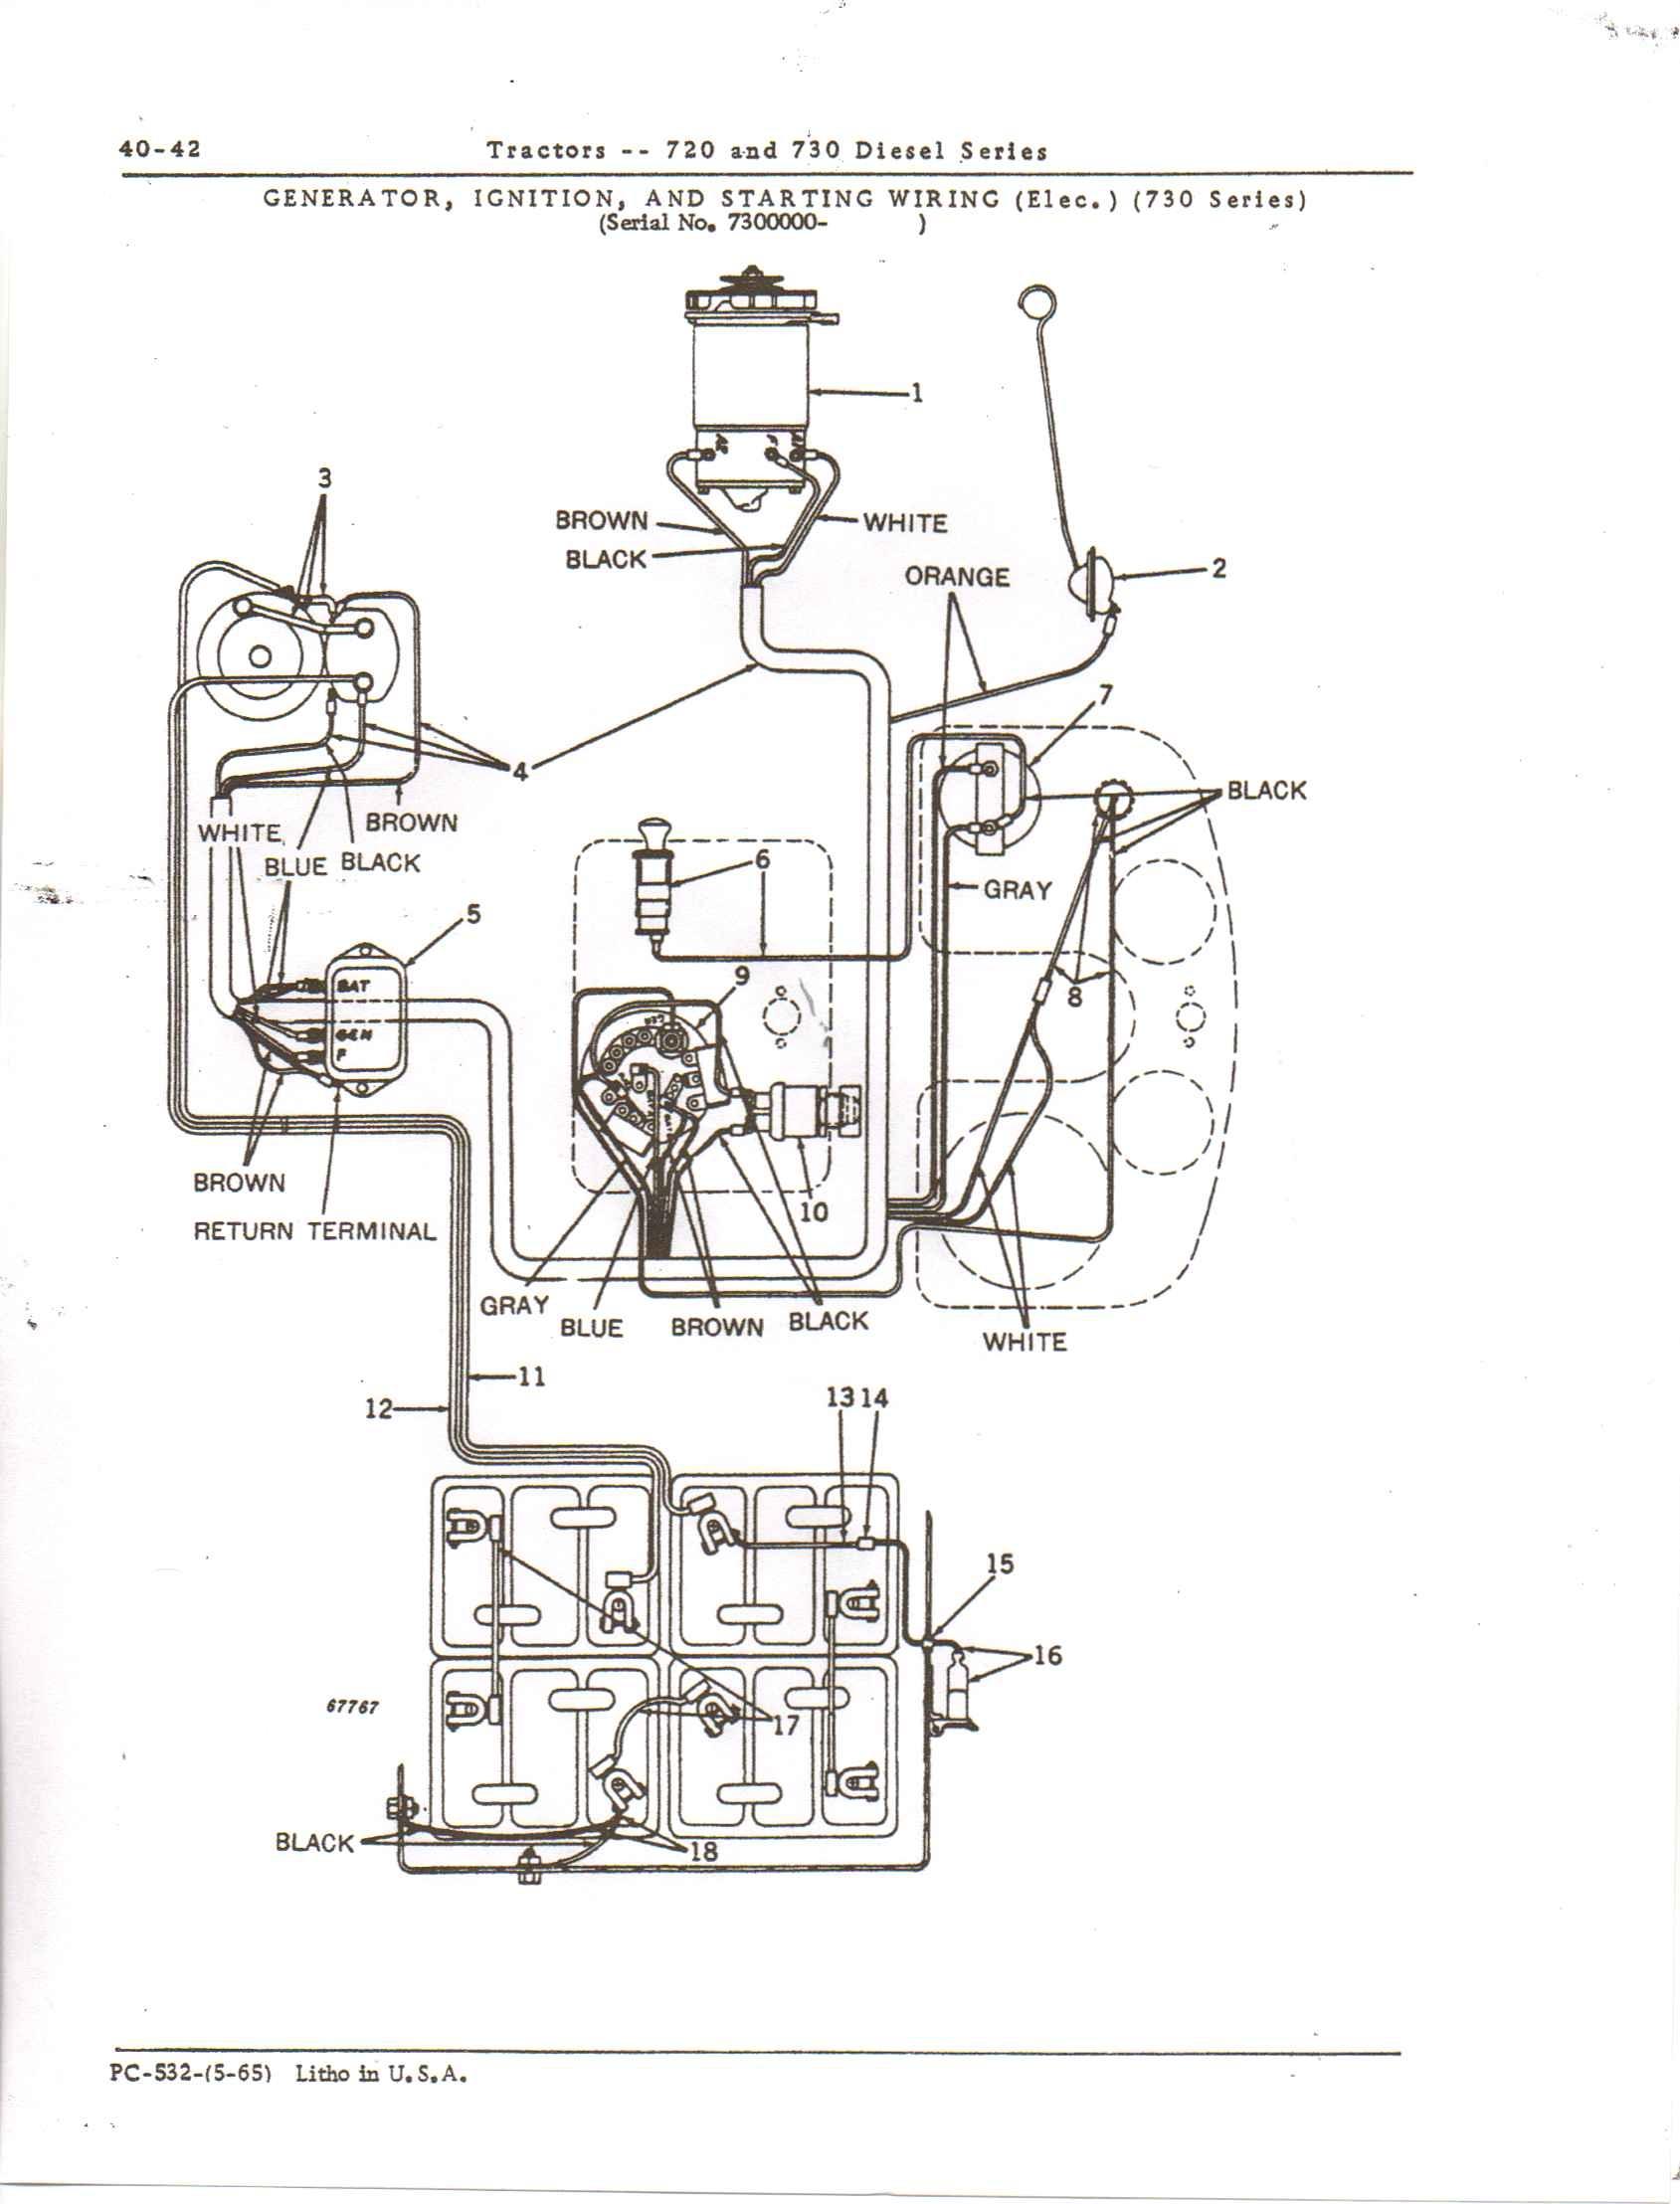 John Deere Tractor Schematic